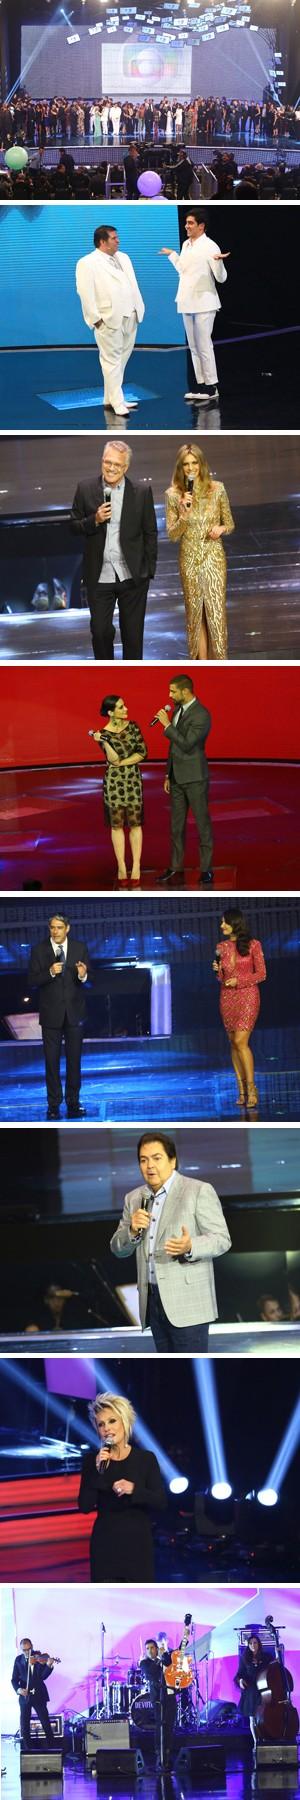 Evento em SP apresenta nova logomarca da Globo. (Foto: Iwi Onodera/EGO)